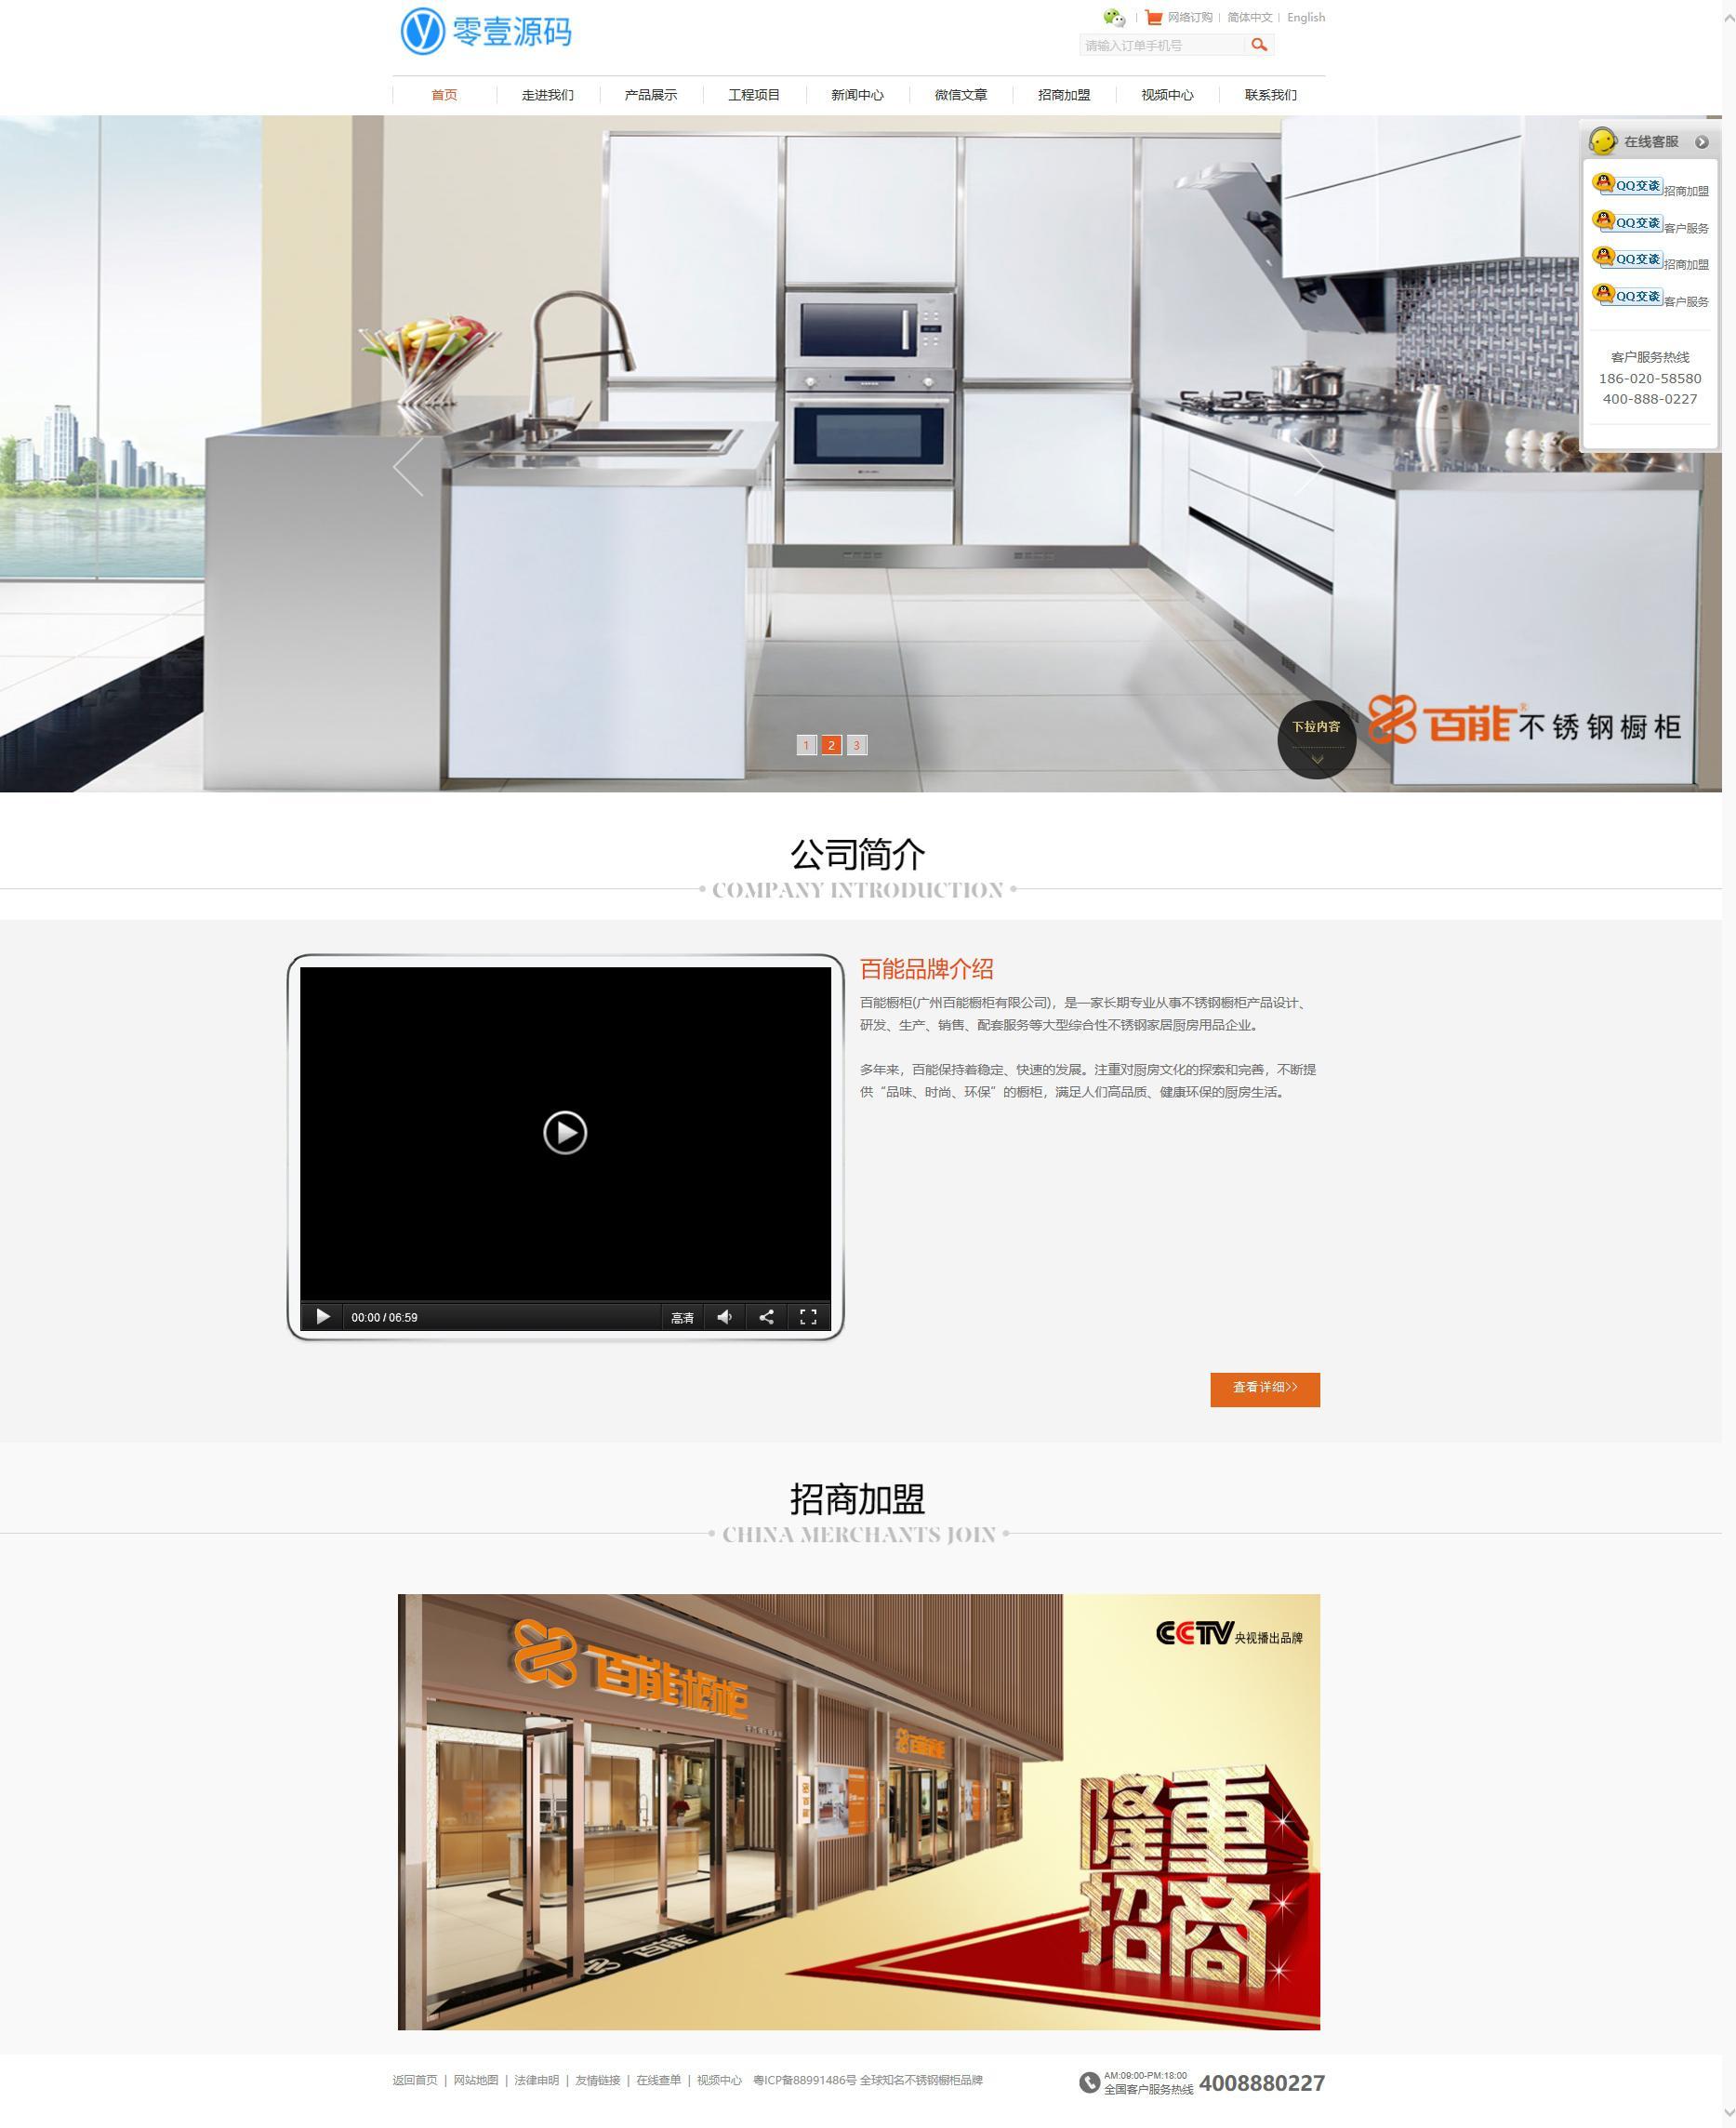 橱柜家具类企业公司网站织梦dedecms模板